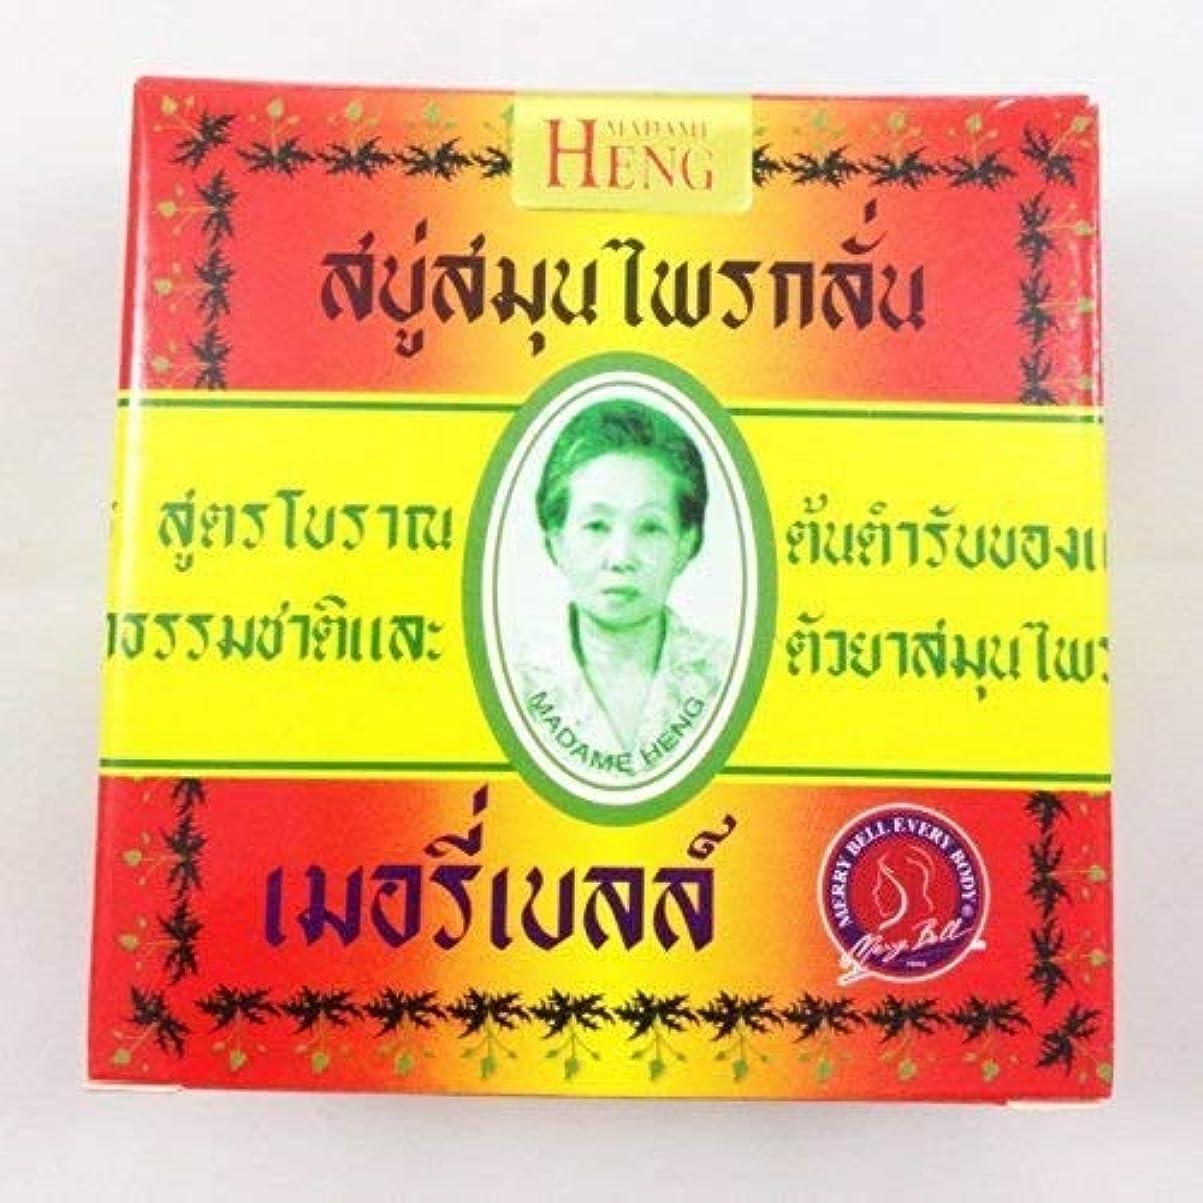 過剰コンベンション勧告Madame Heng Thai Original Natural Herbal Soap Bar Made in Thailand 160gx2pcs by Ni Yom Thai shop